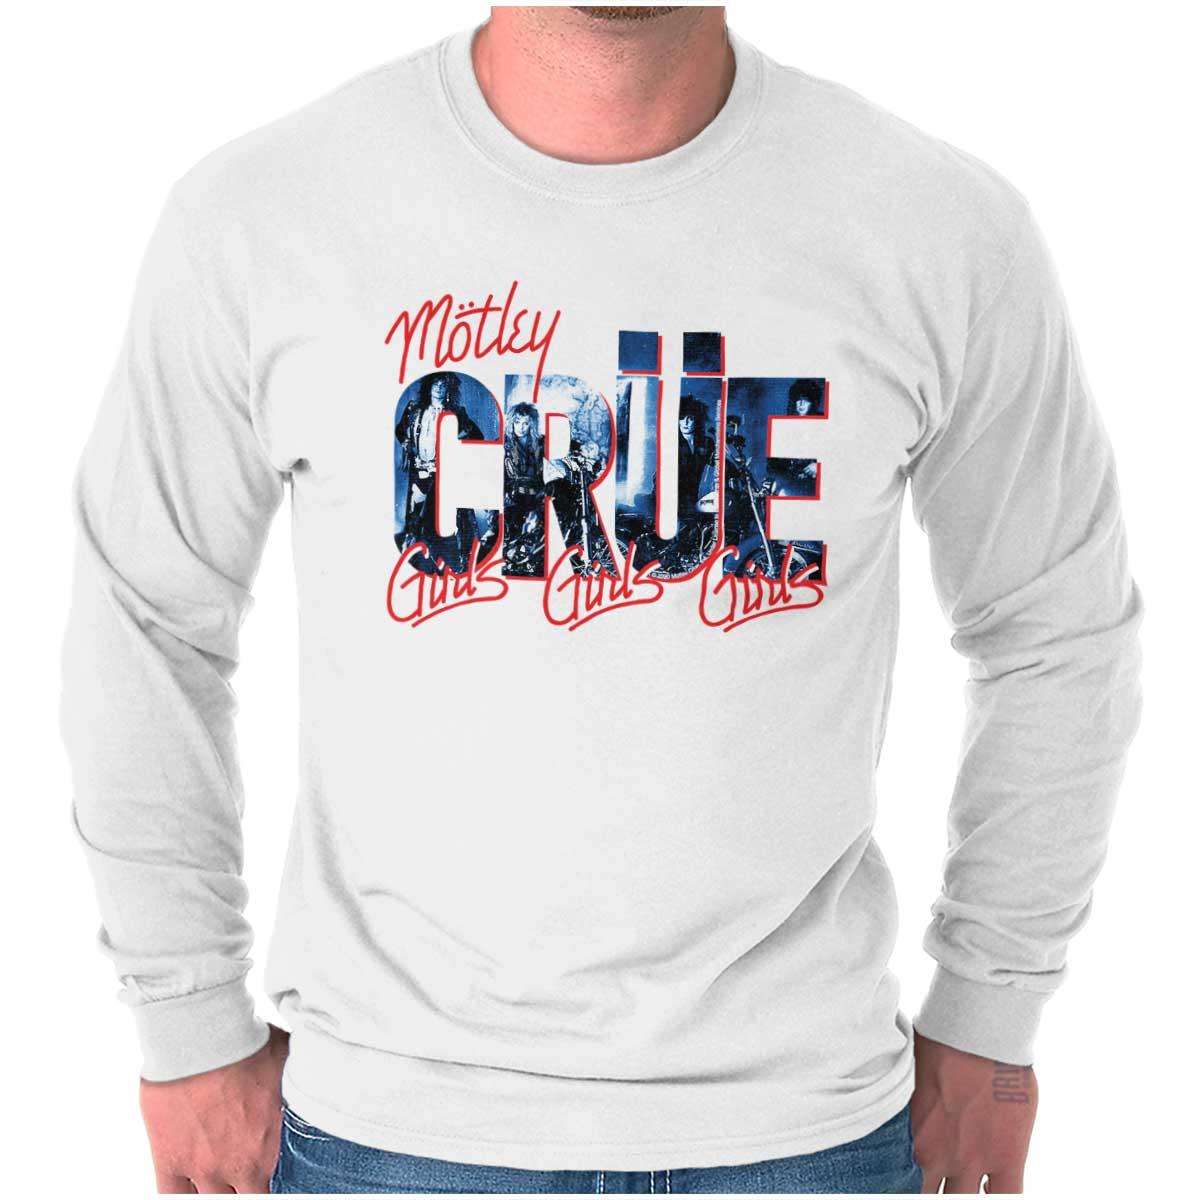 glam metal /'Girls Girls Girls/' vintage tour shirt 1987 M\u00f6tley Cr\u00fce crop top hoodie ladies heavy metal longsleeve top